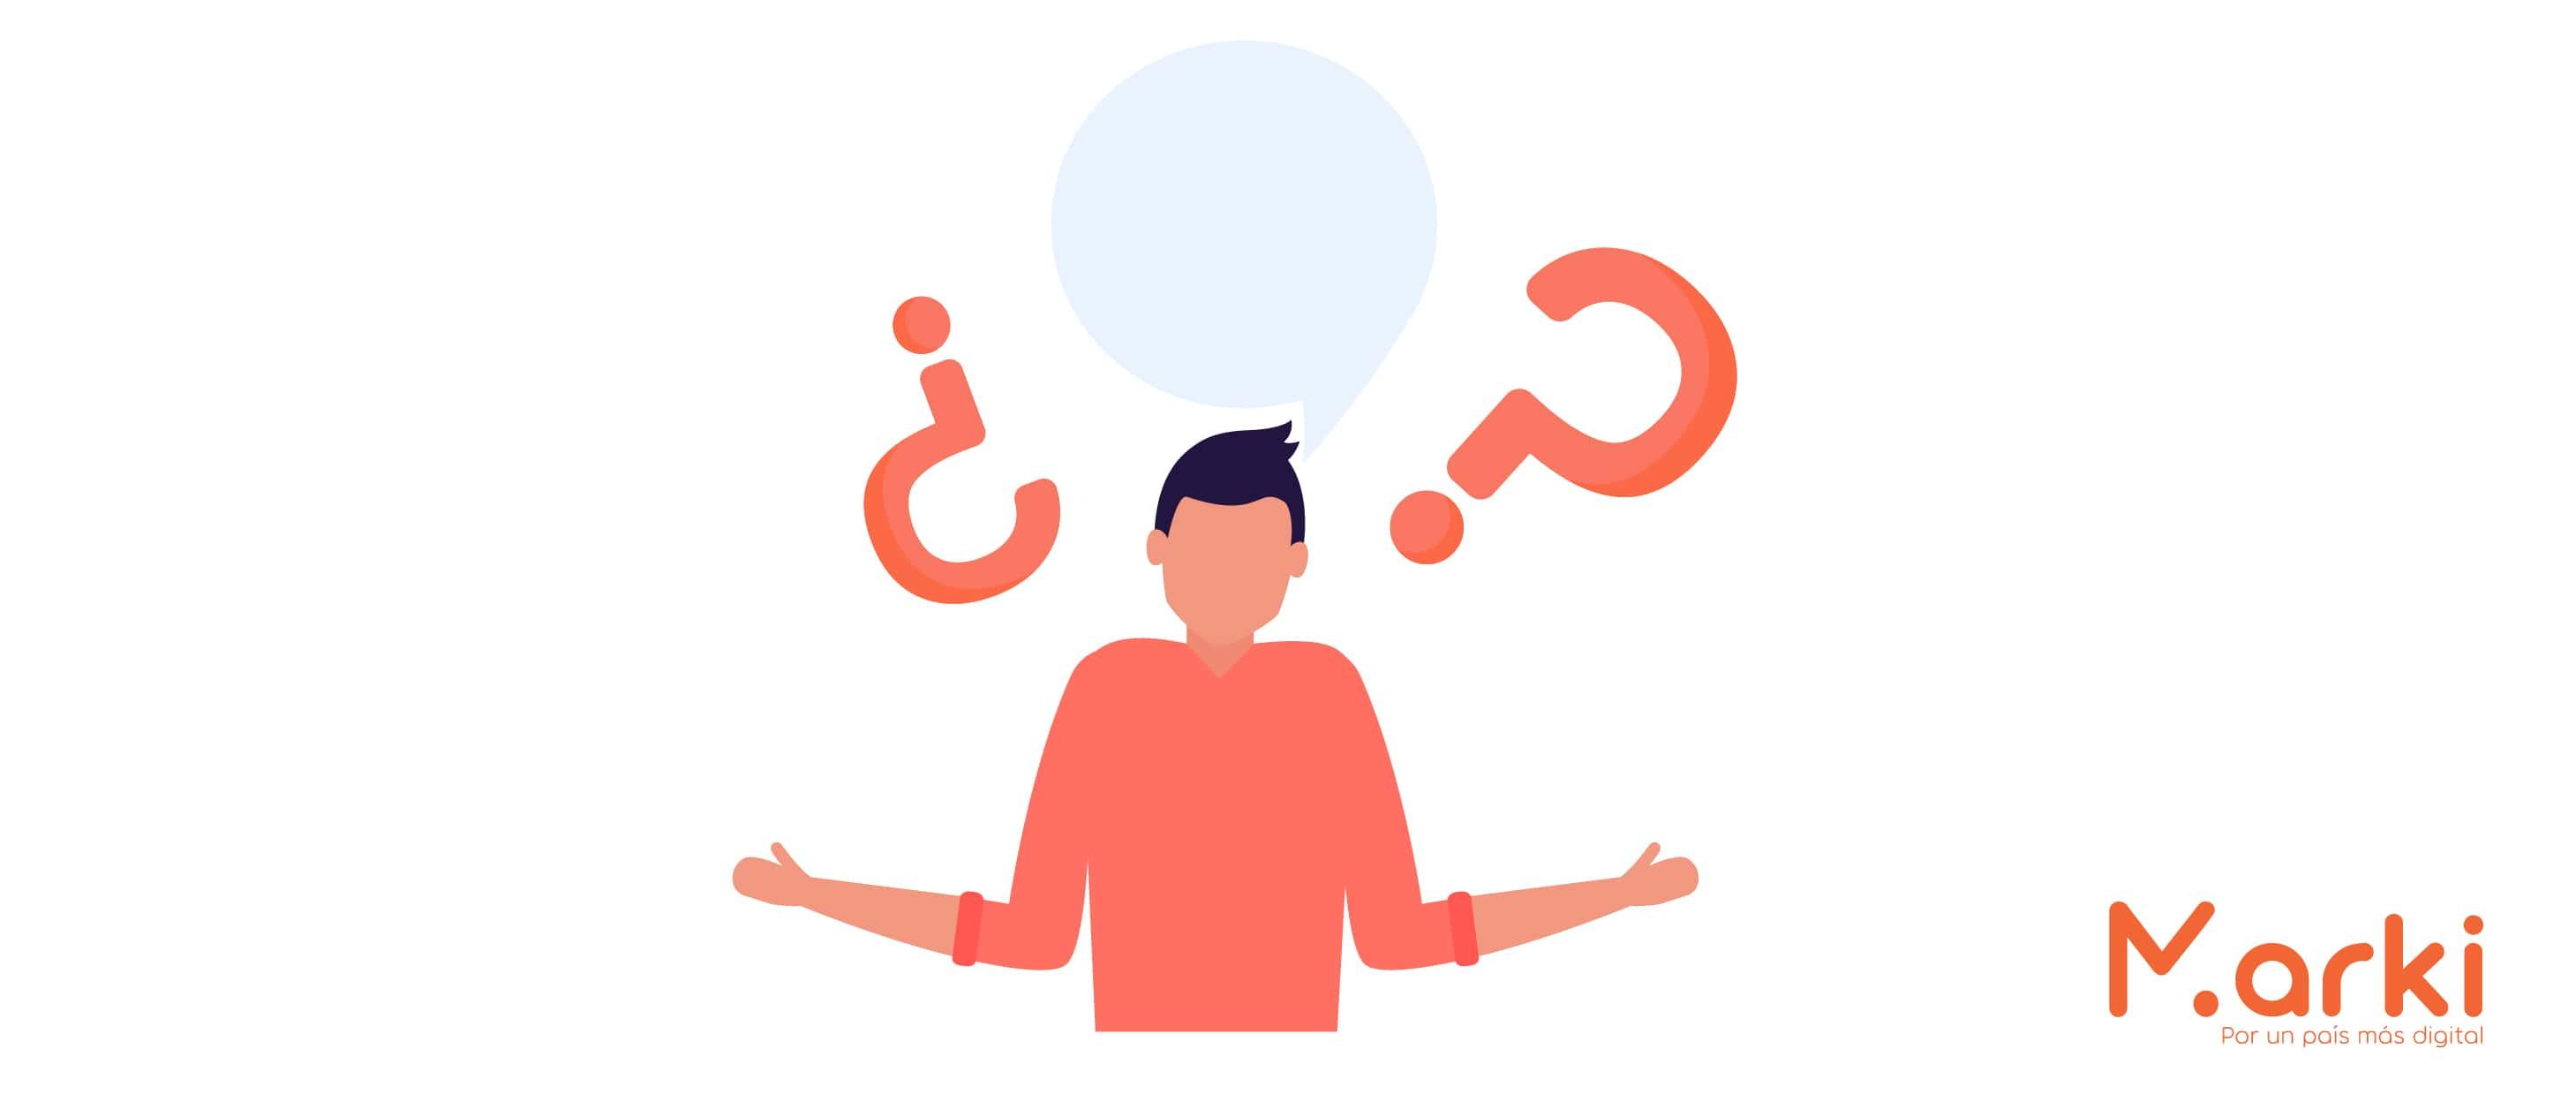 pregunta como hacer customer journey customer journey plantilla customer journey b2b como hacer un customer journey map ejemplo que significa customer journey voluntarios universitarios voluntariado peru voluntariado online voluntariado marki